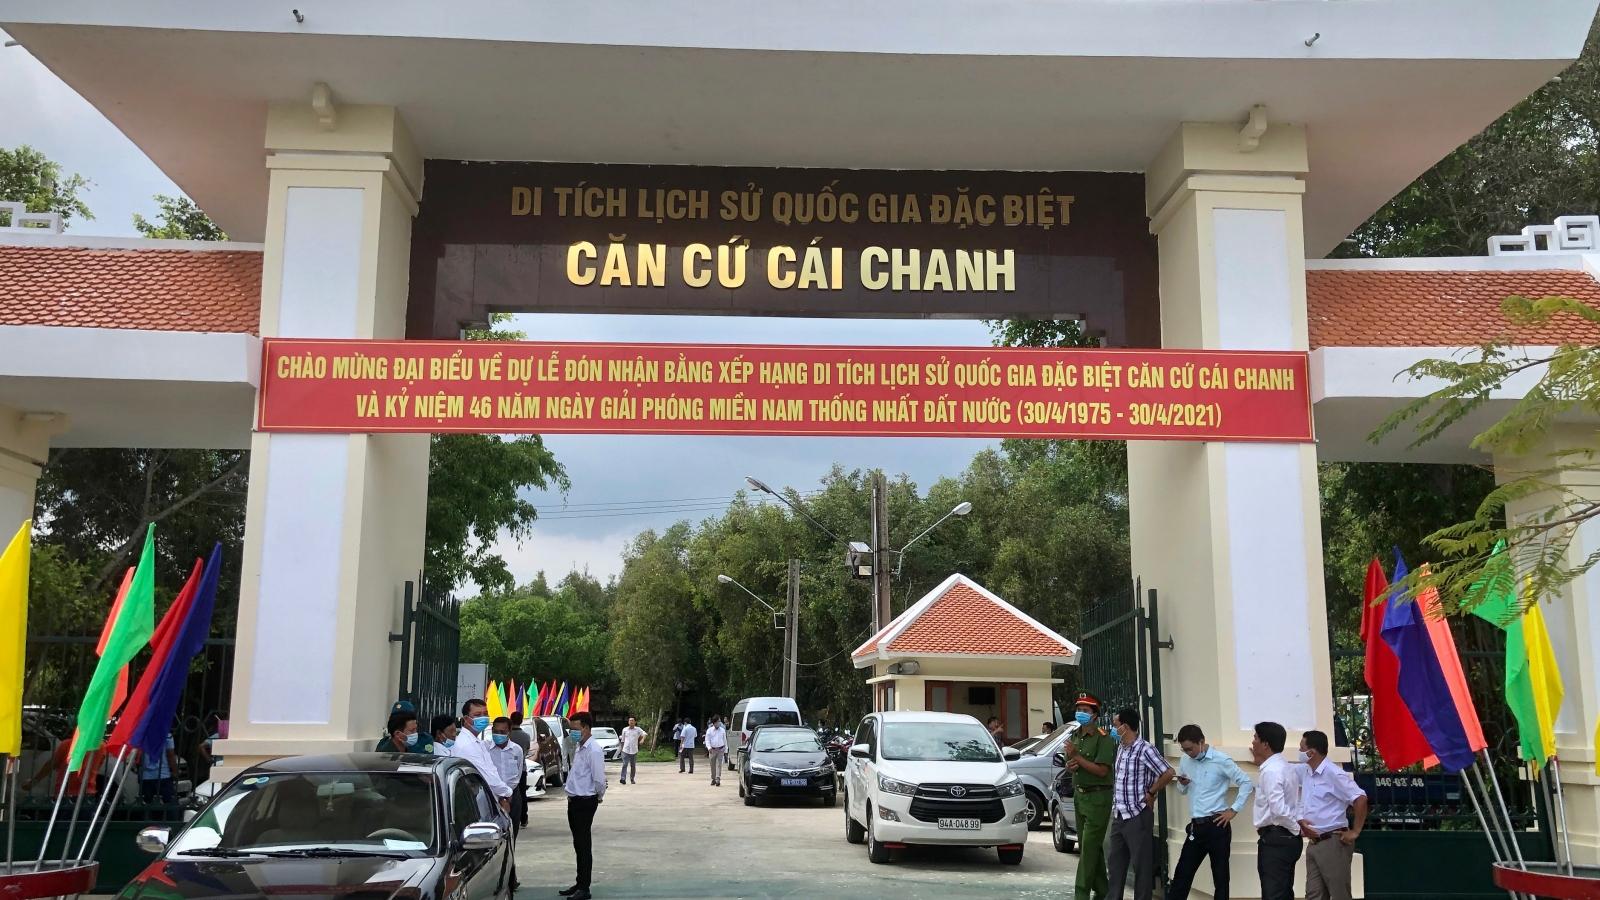 Bạc Liêu đón nhận Bằng xếp hạng Di tích Quốc gia đặc biệt Căn cứ Cái Chanh